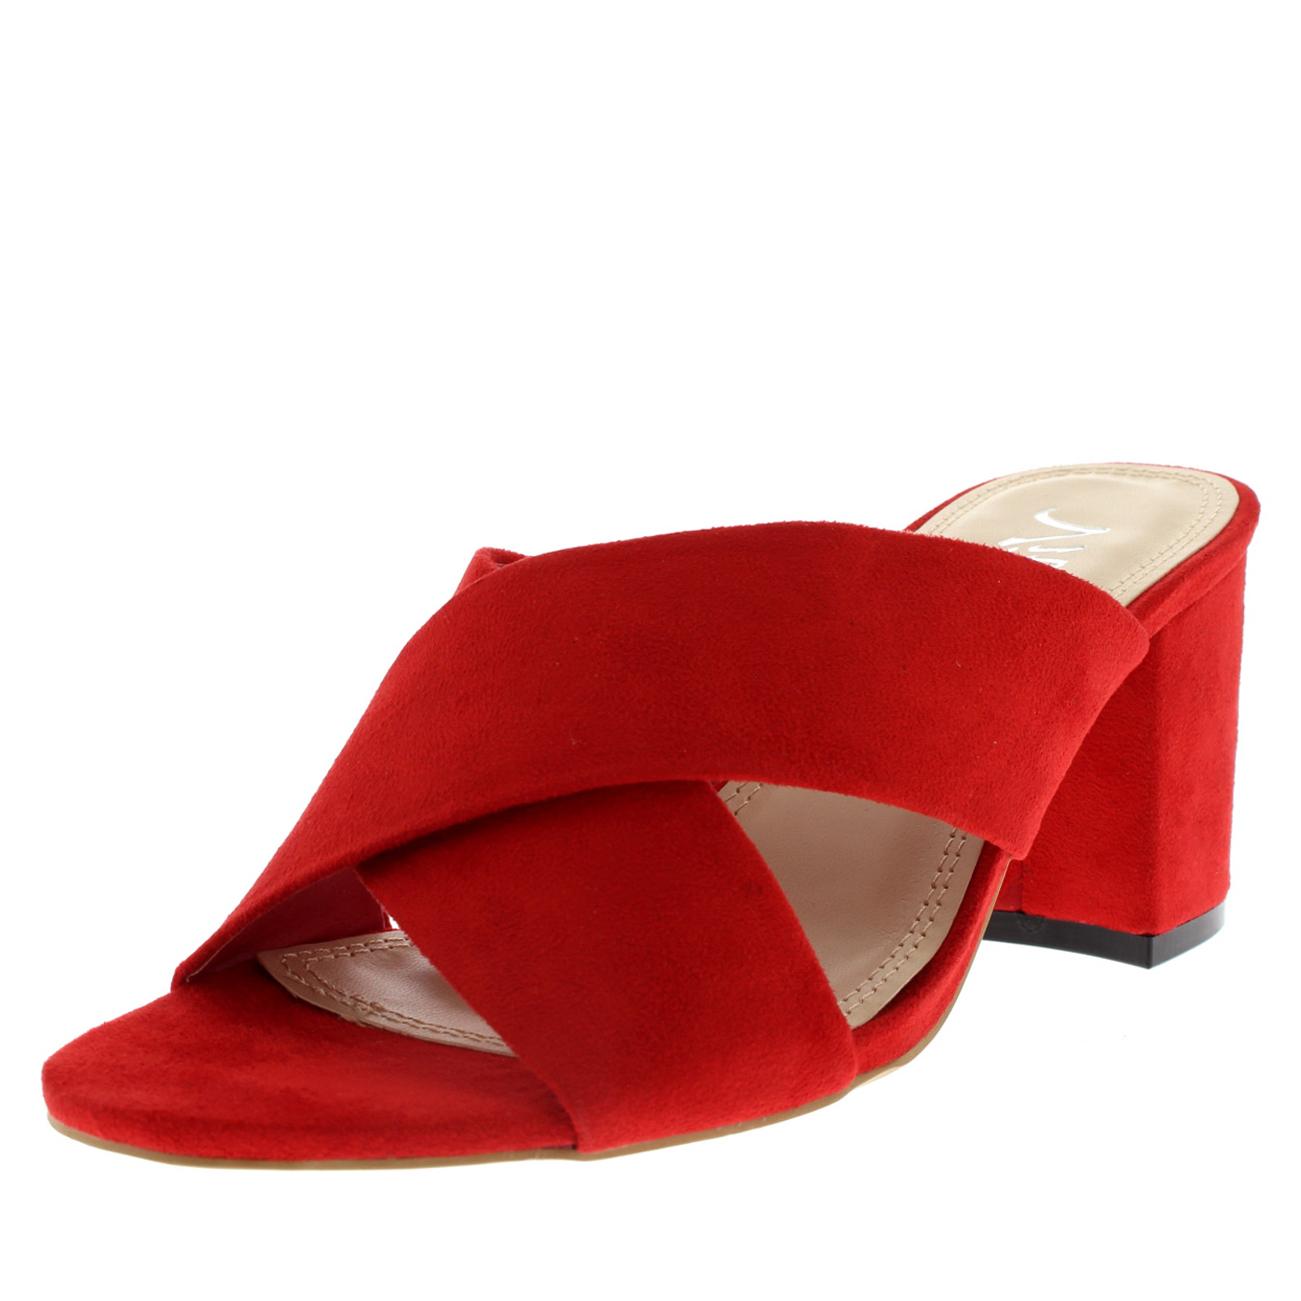 Donna Cinturino Incrociato Muli Tacco a Blocco Punta Aperta Moda tagliato Sandalo Tacco